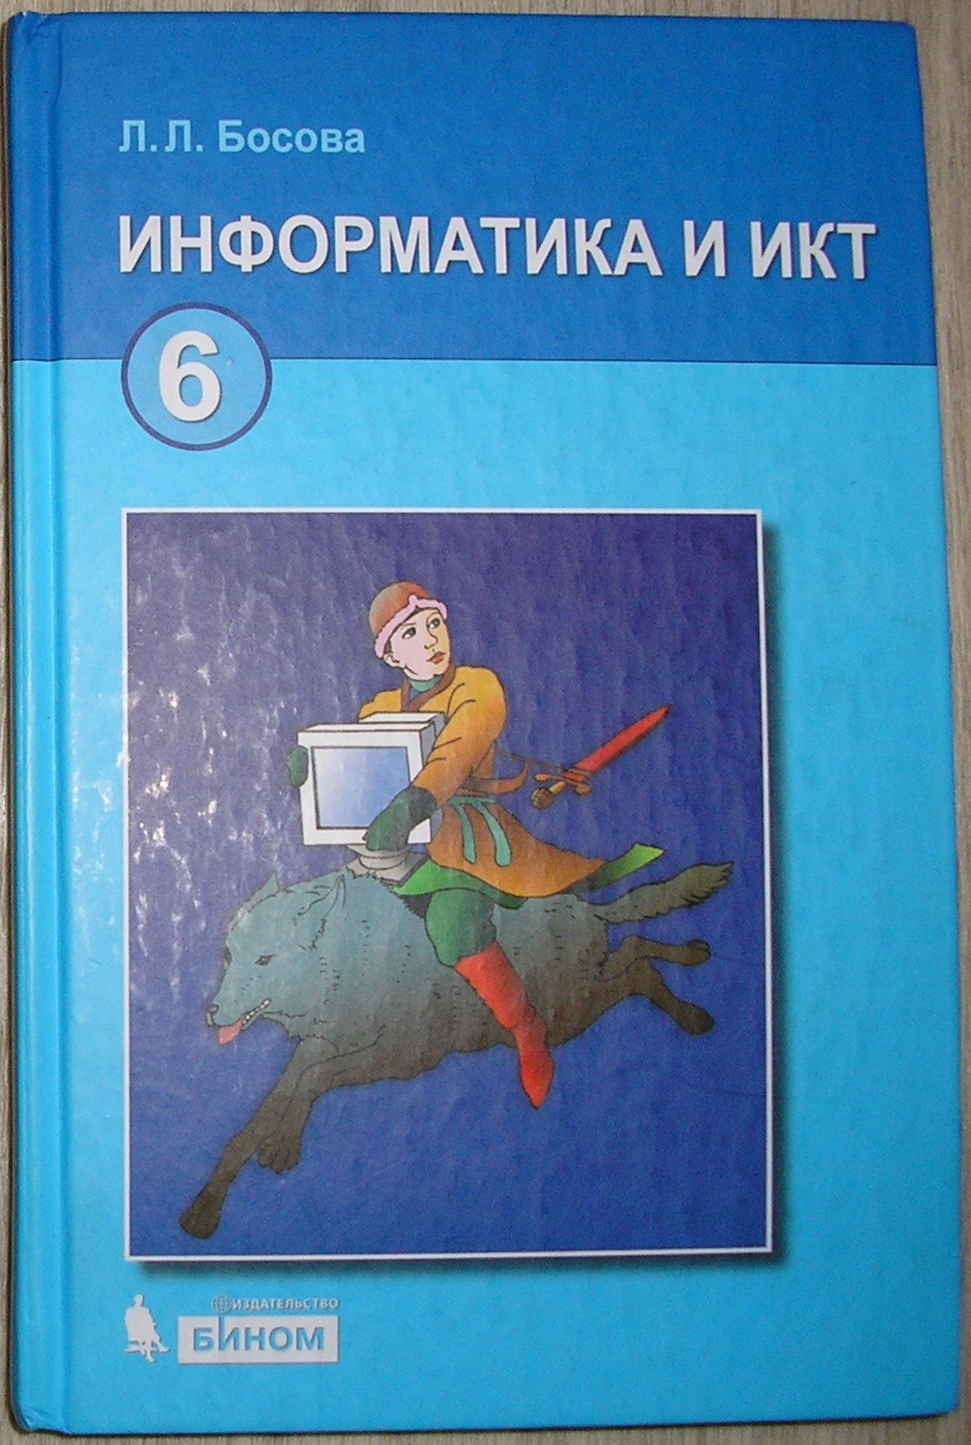 Гдз по информатике 8 класс учебник икт